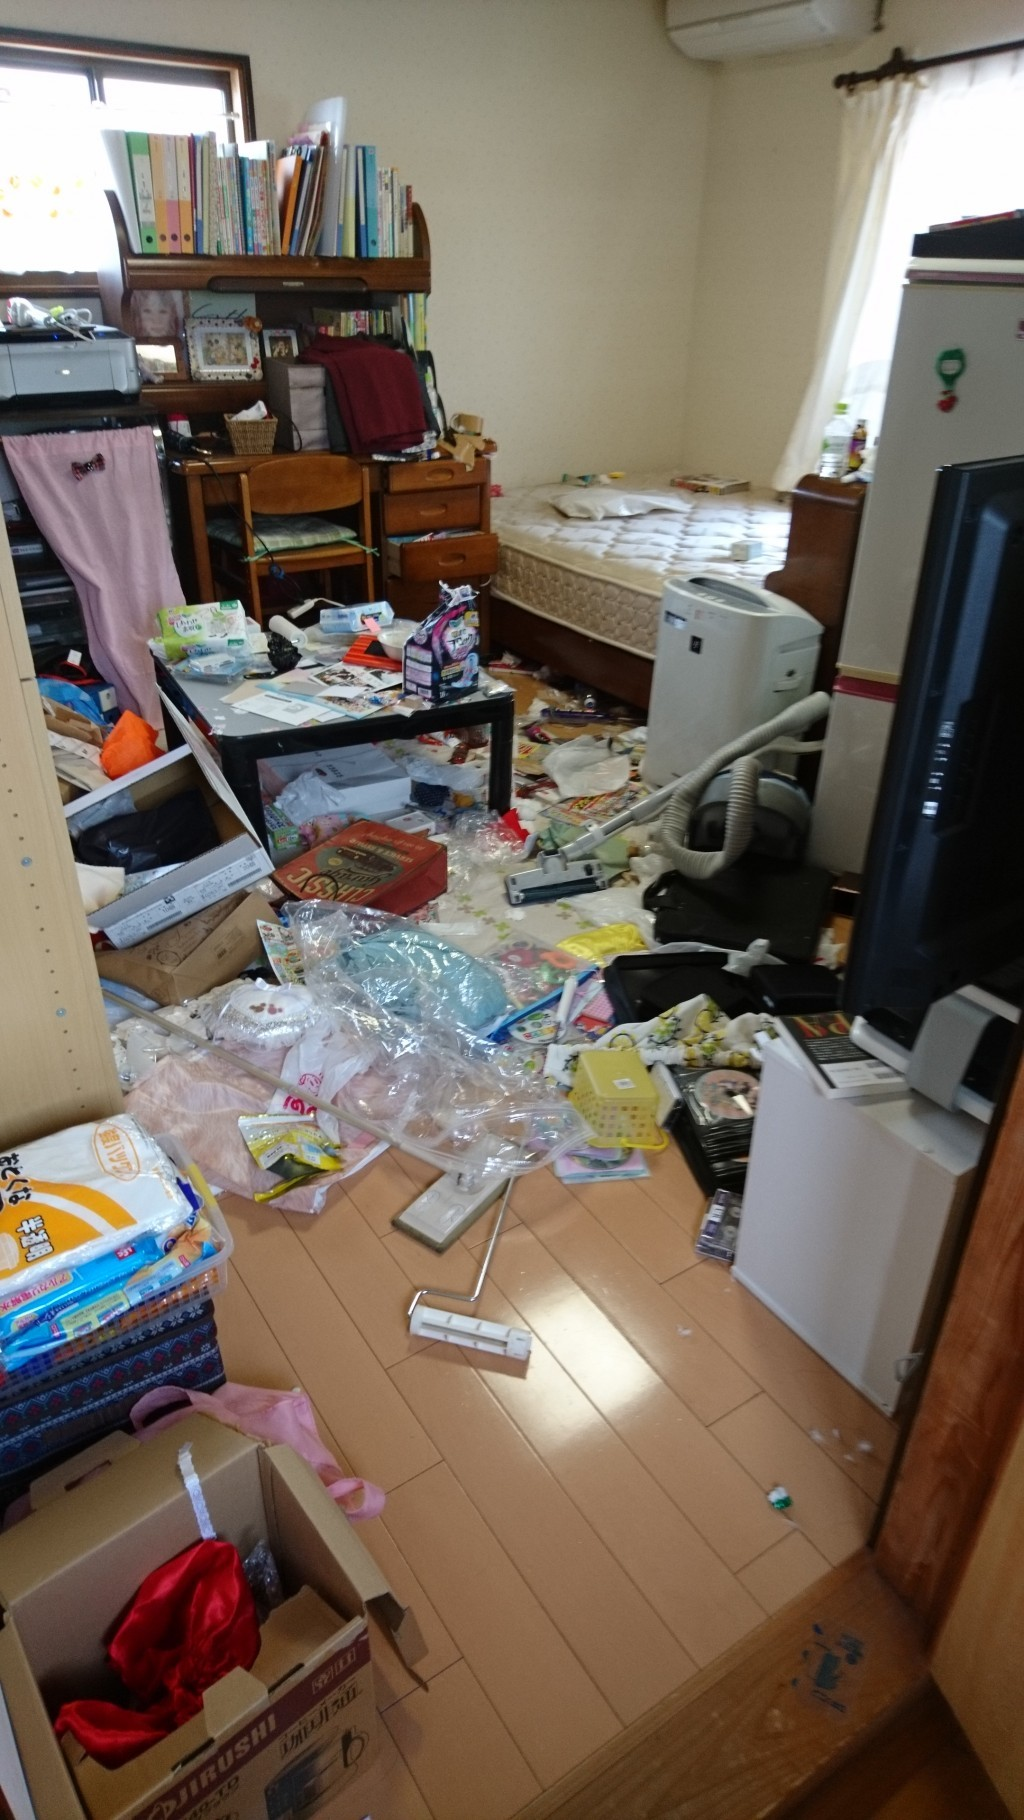 【松山市西垣生町】お部屋の片付けと不用品回収のご依頼☆リピーターのお客様に大変ご満足いただけました!